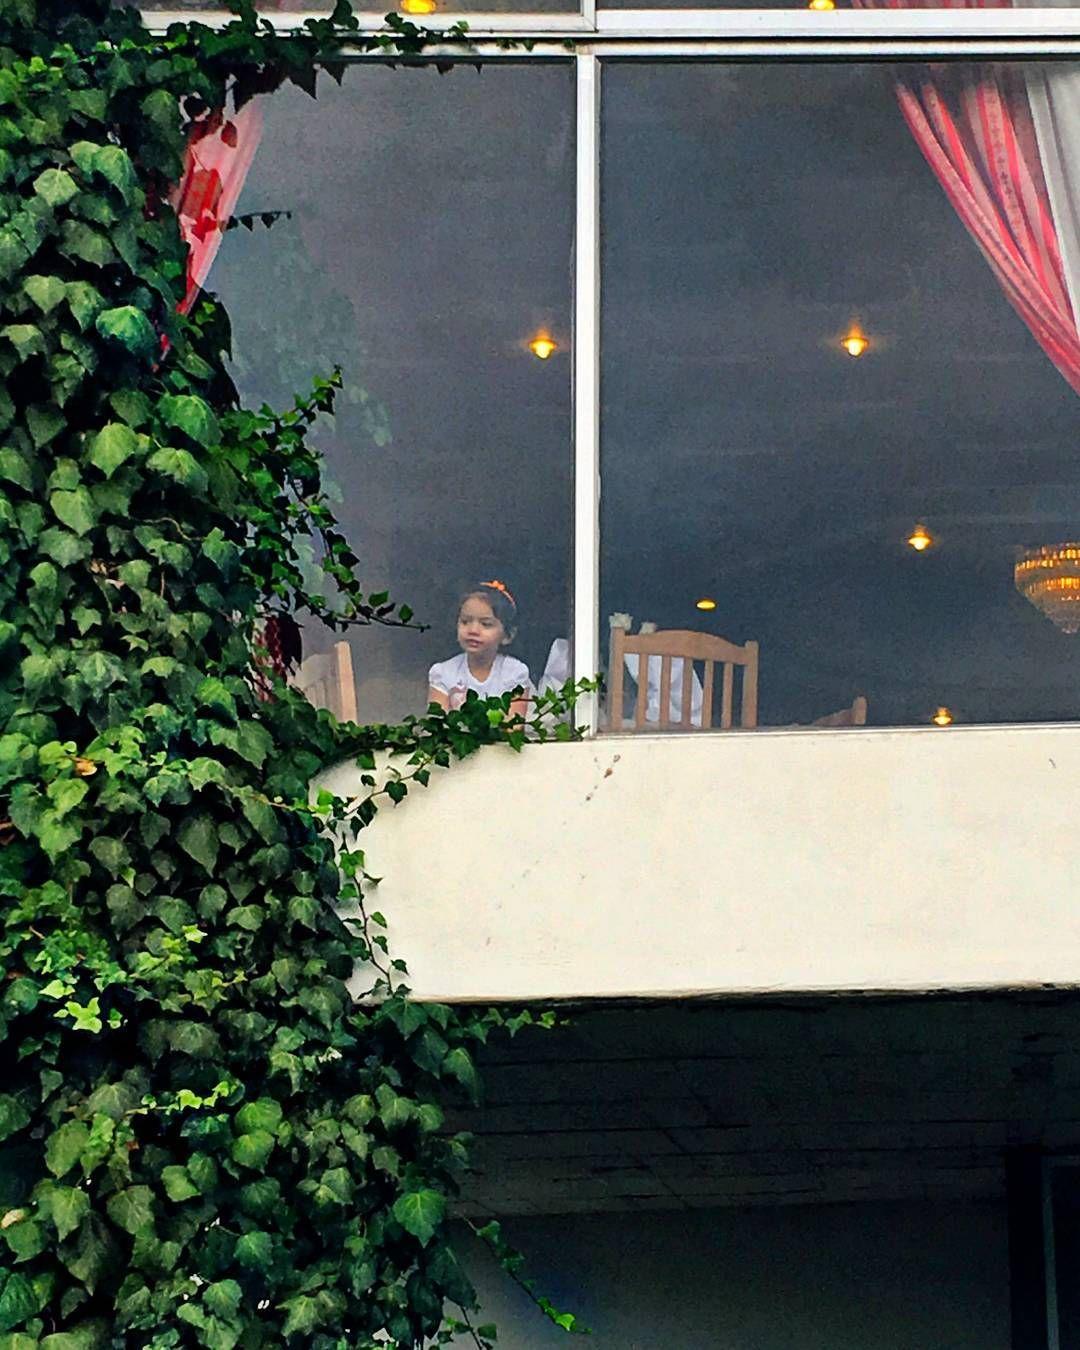 . آستارا-هتل اسپیناس . . . . #آستارا #هتل_اسپیناس #espinashotel #fosilcam#astara##everydayastara